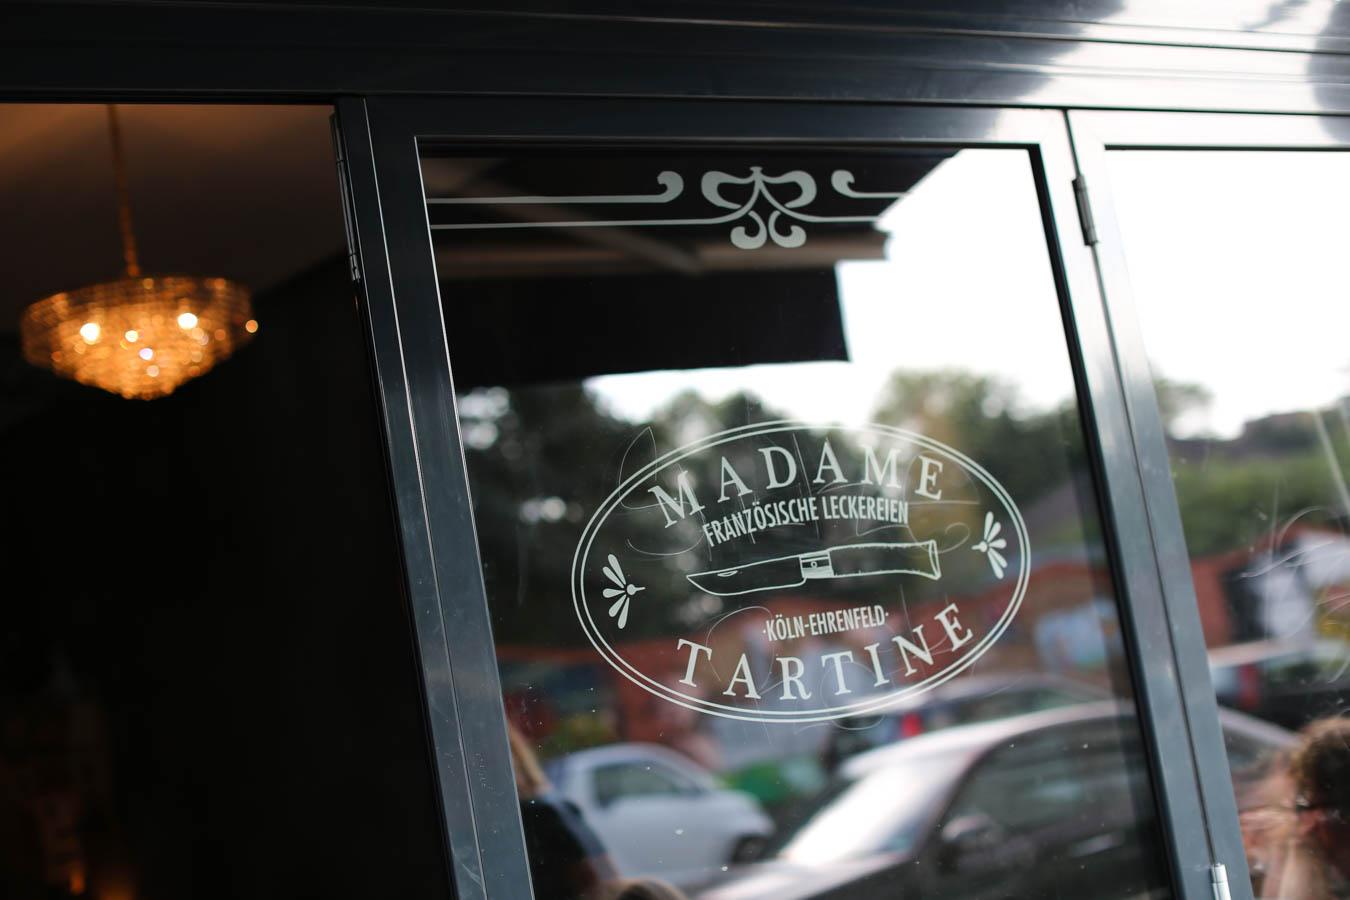 Café Köln Ehrenfeld - Madame Tartine